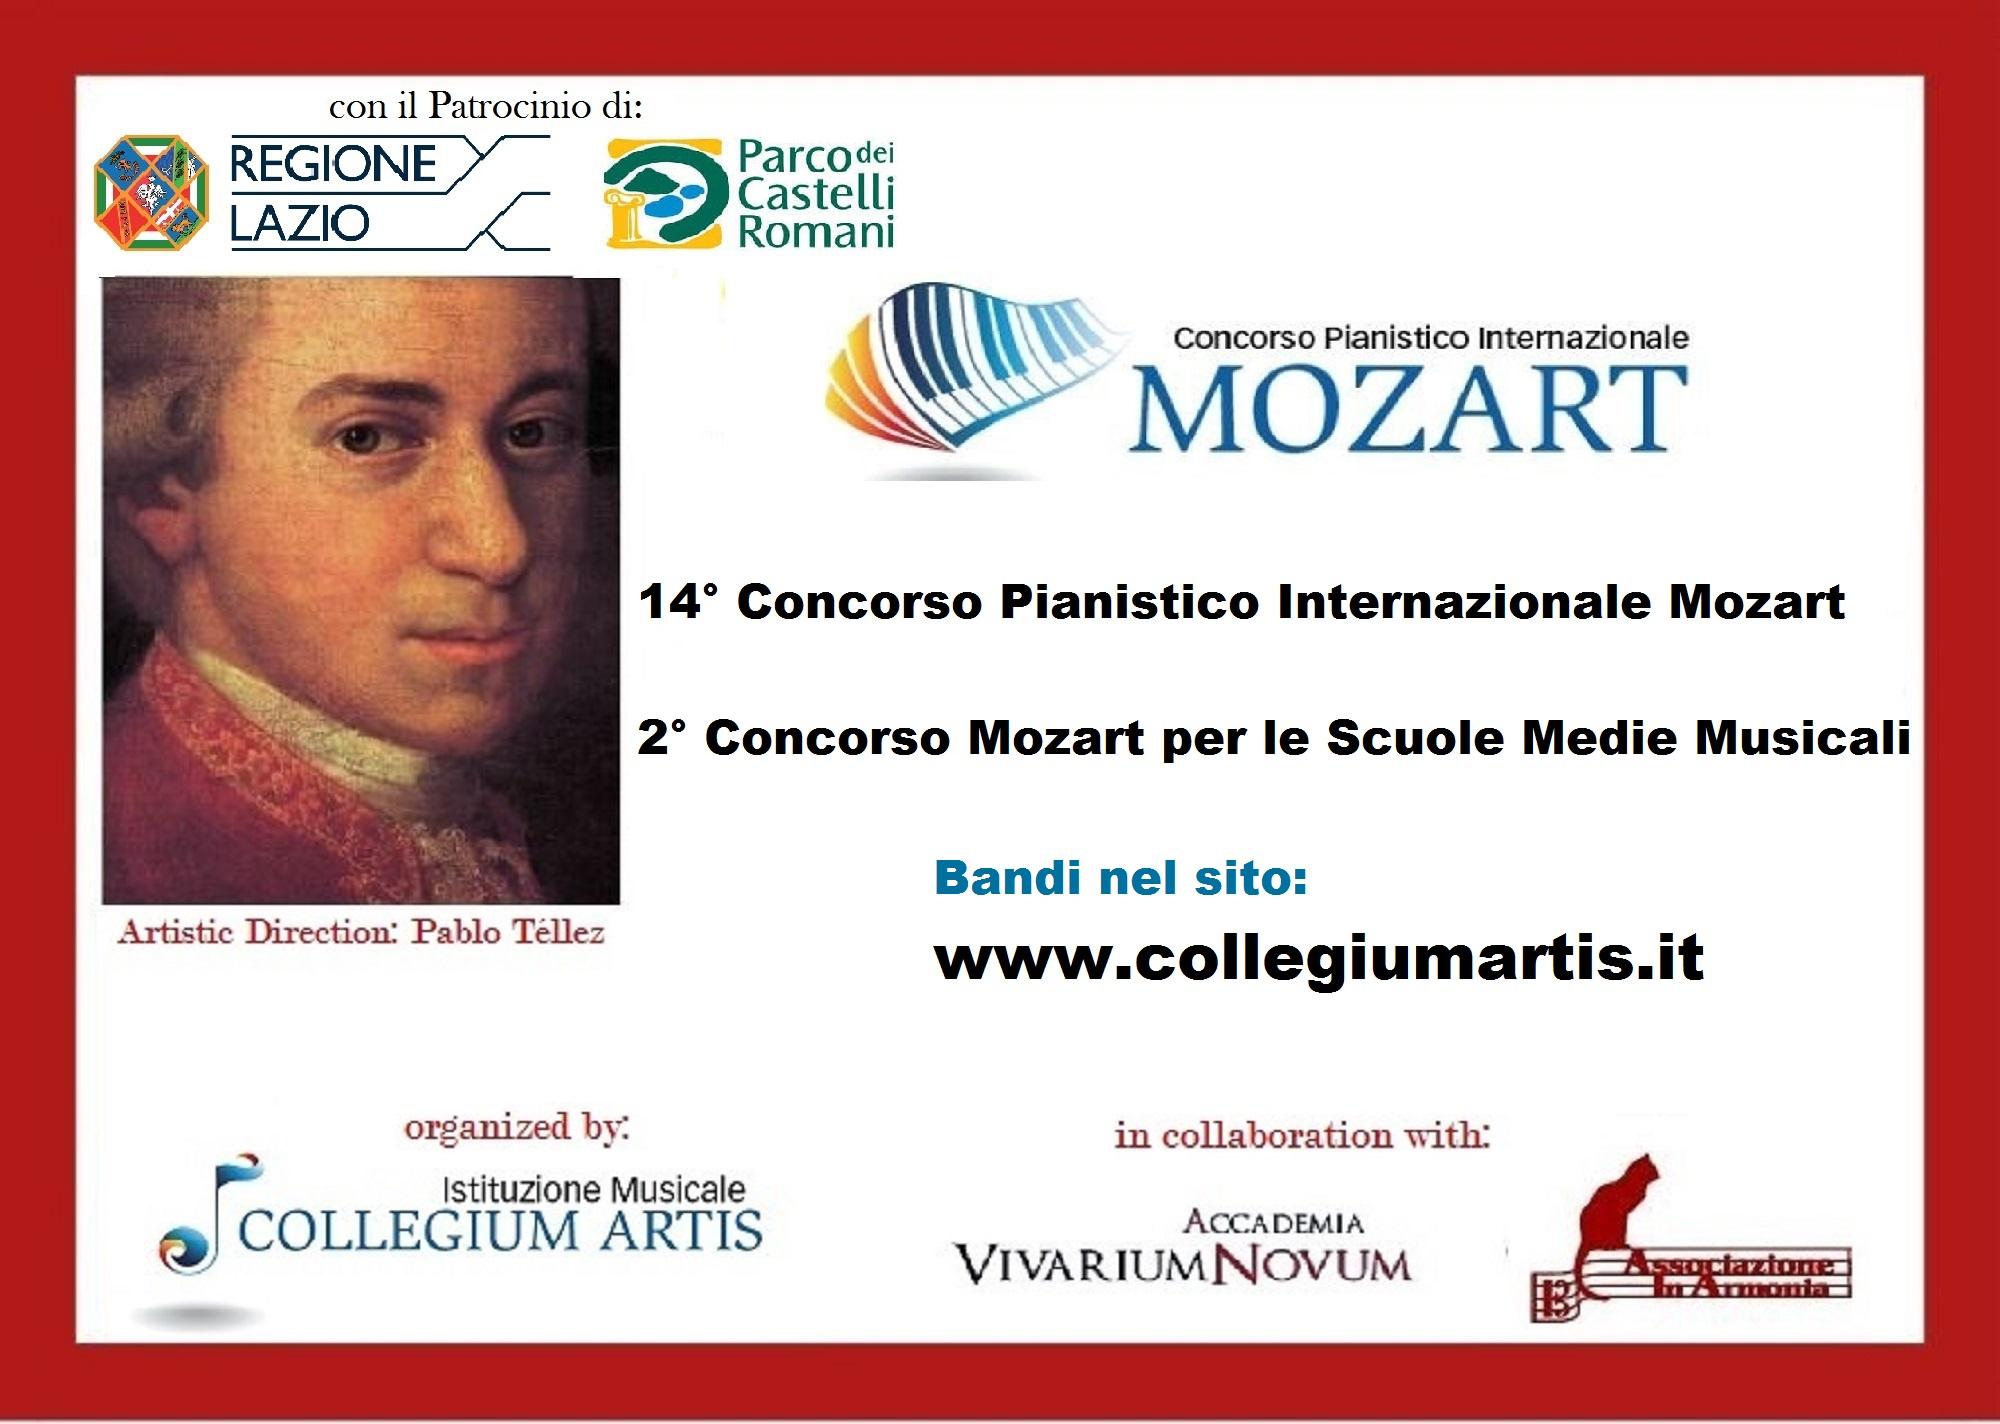 Concorso Mozart